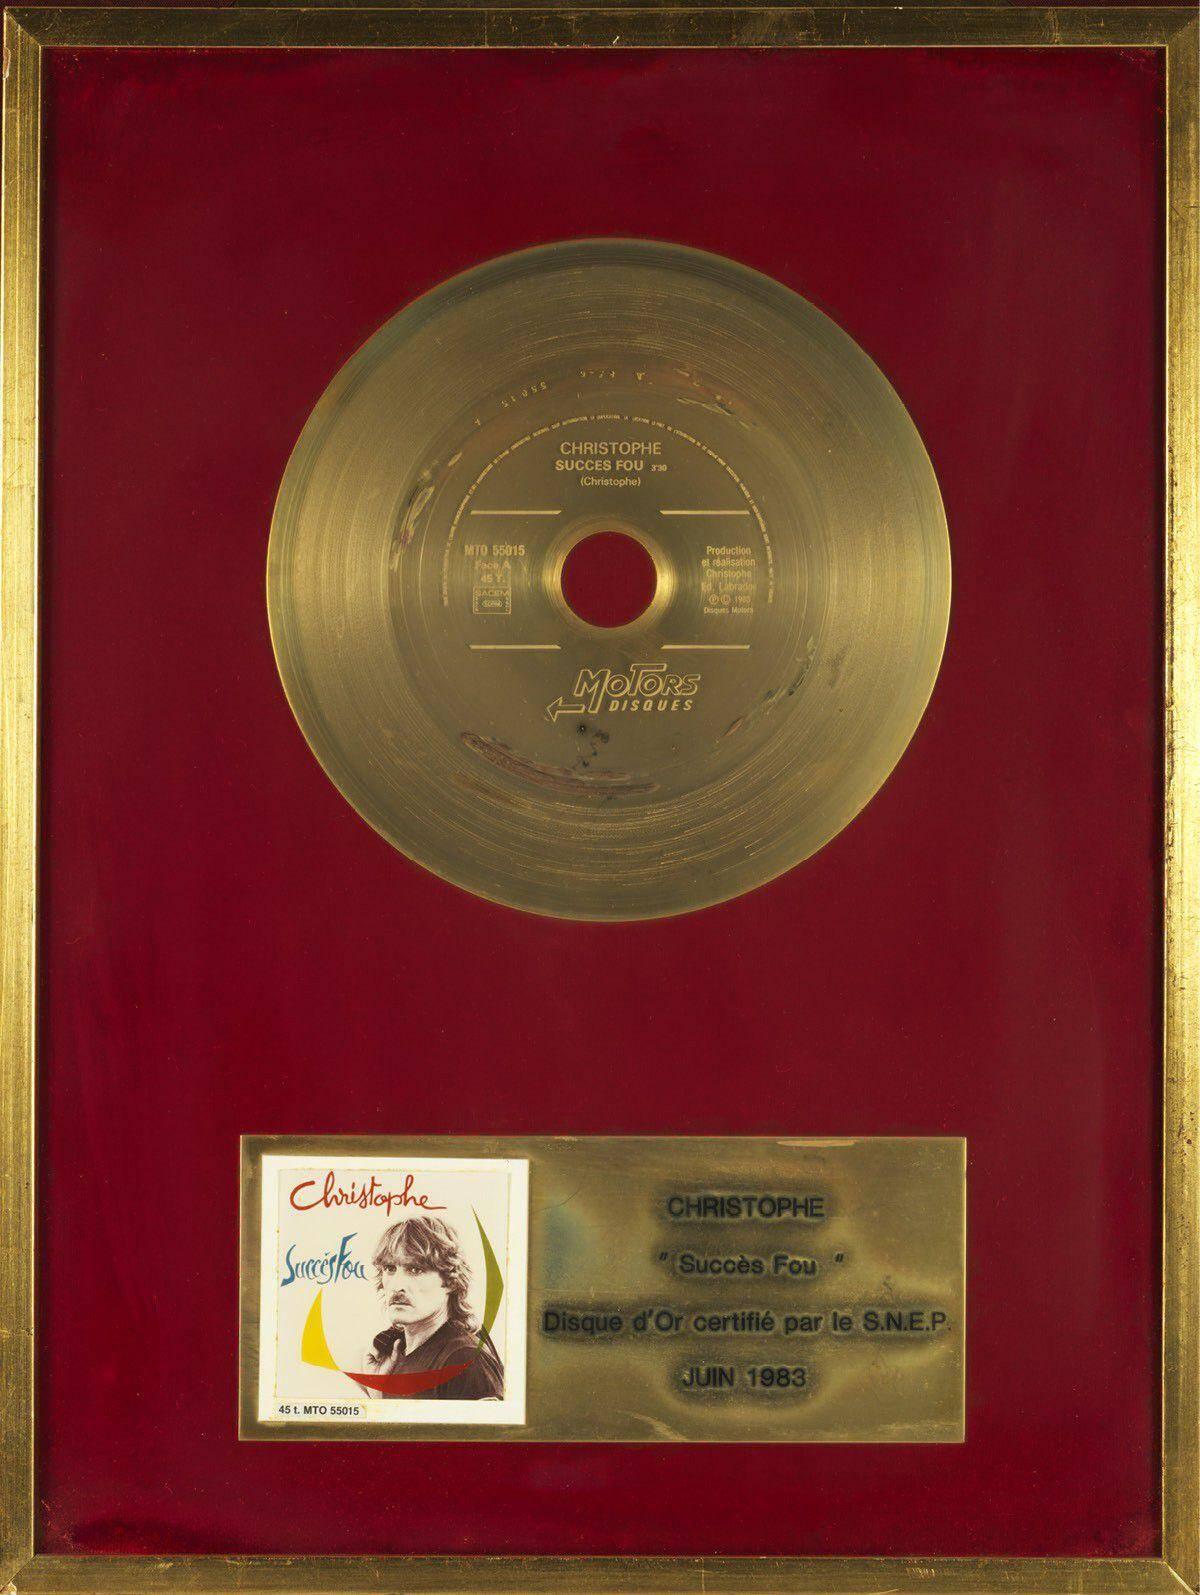 Le disque d'or du 45 Tours Succès Fou acquis 7 500 d.